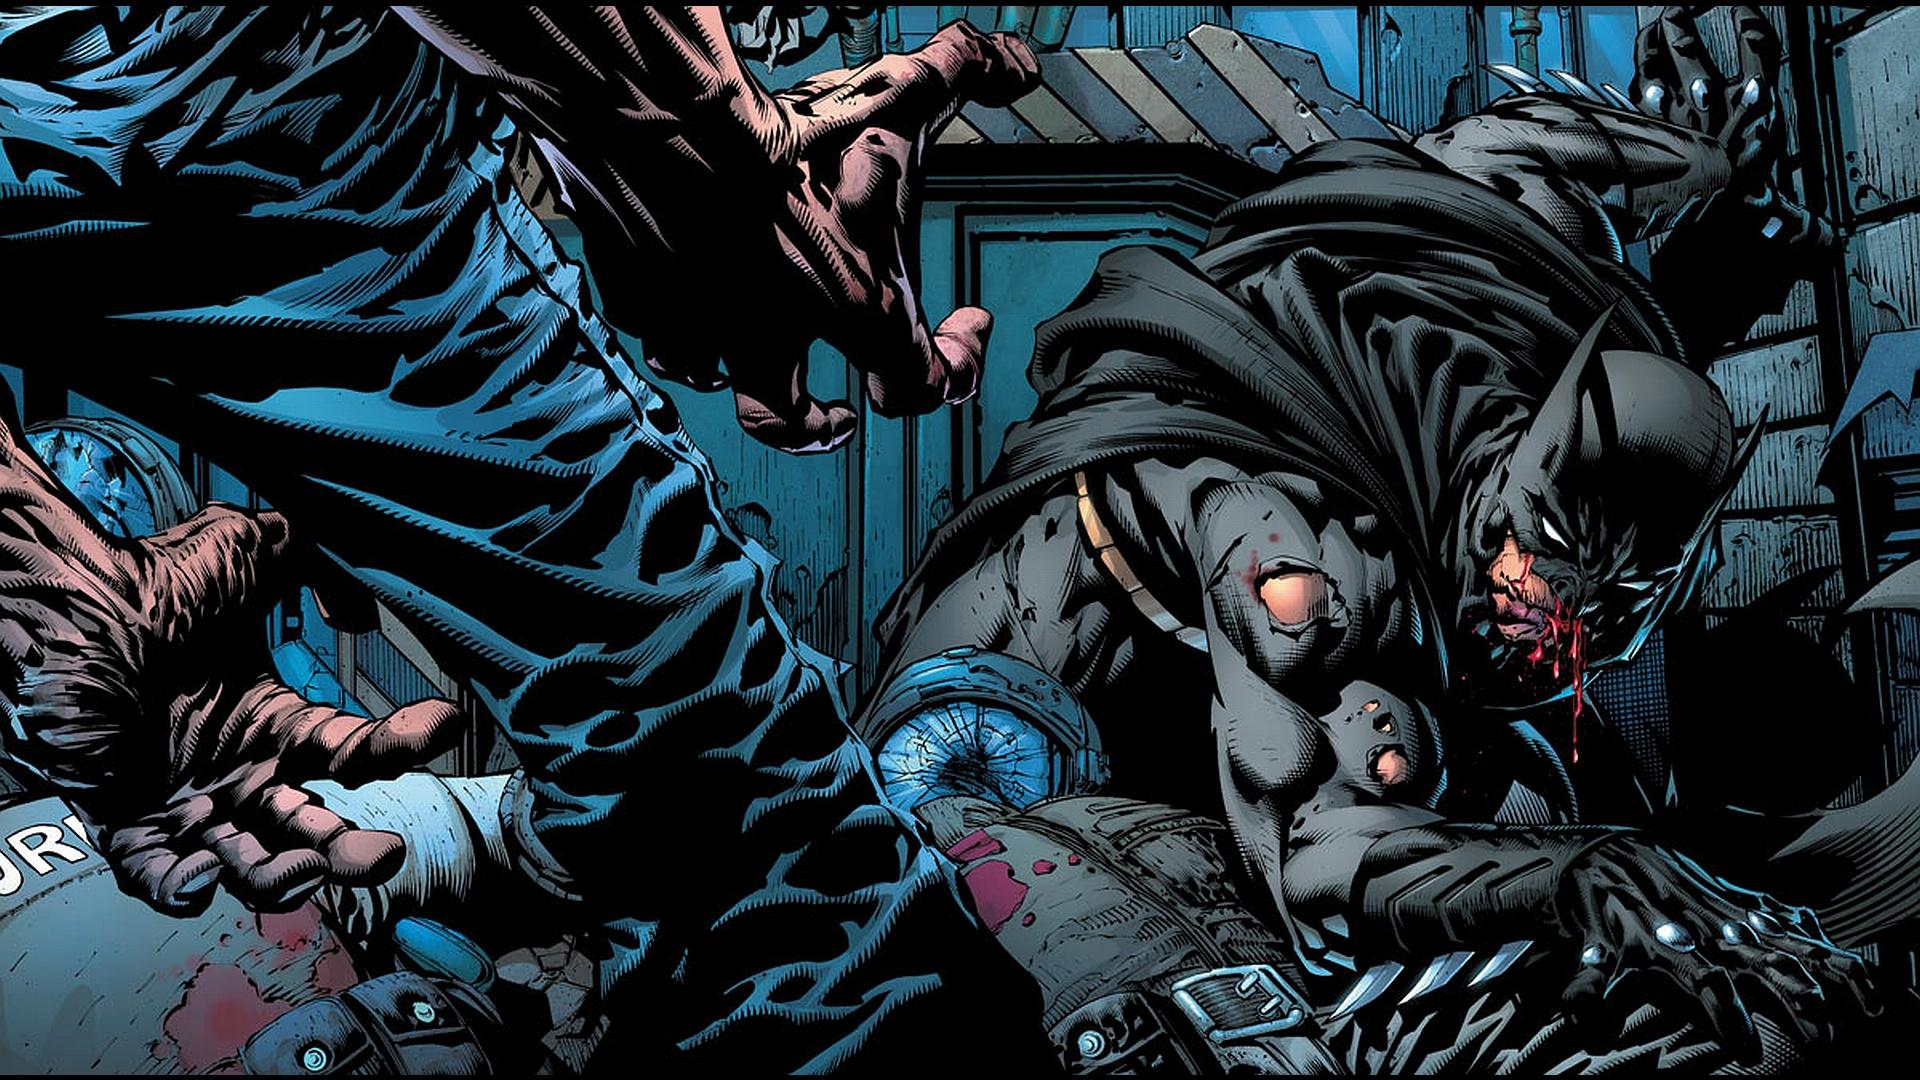 Обои на рабочий стол dc comics 5